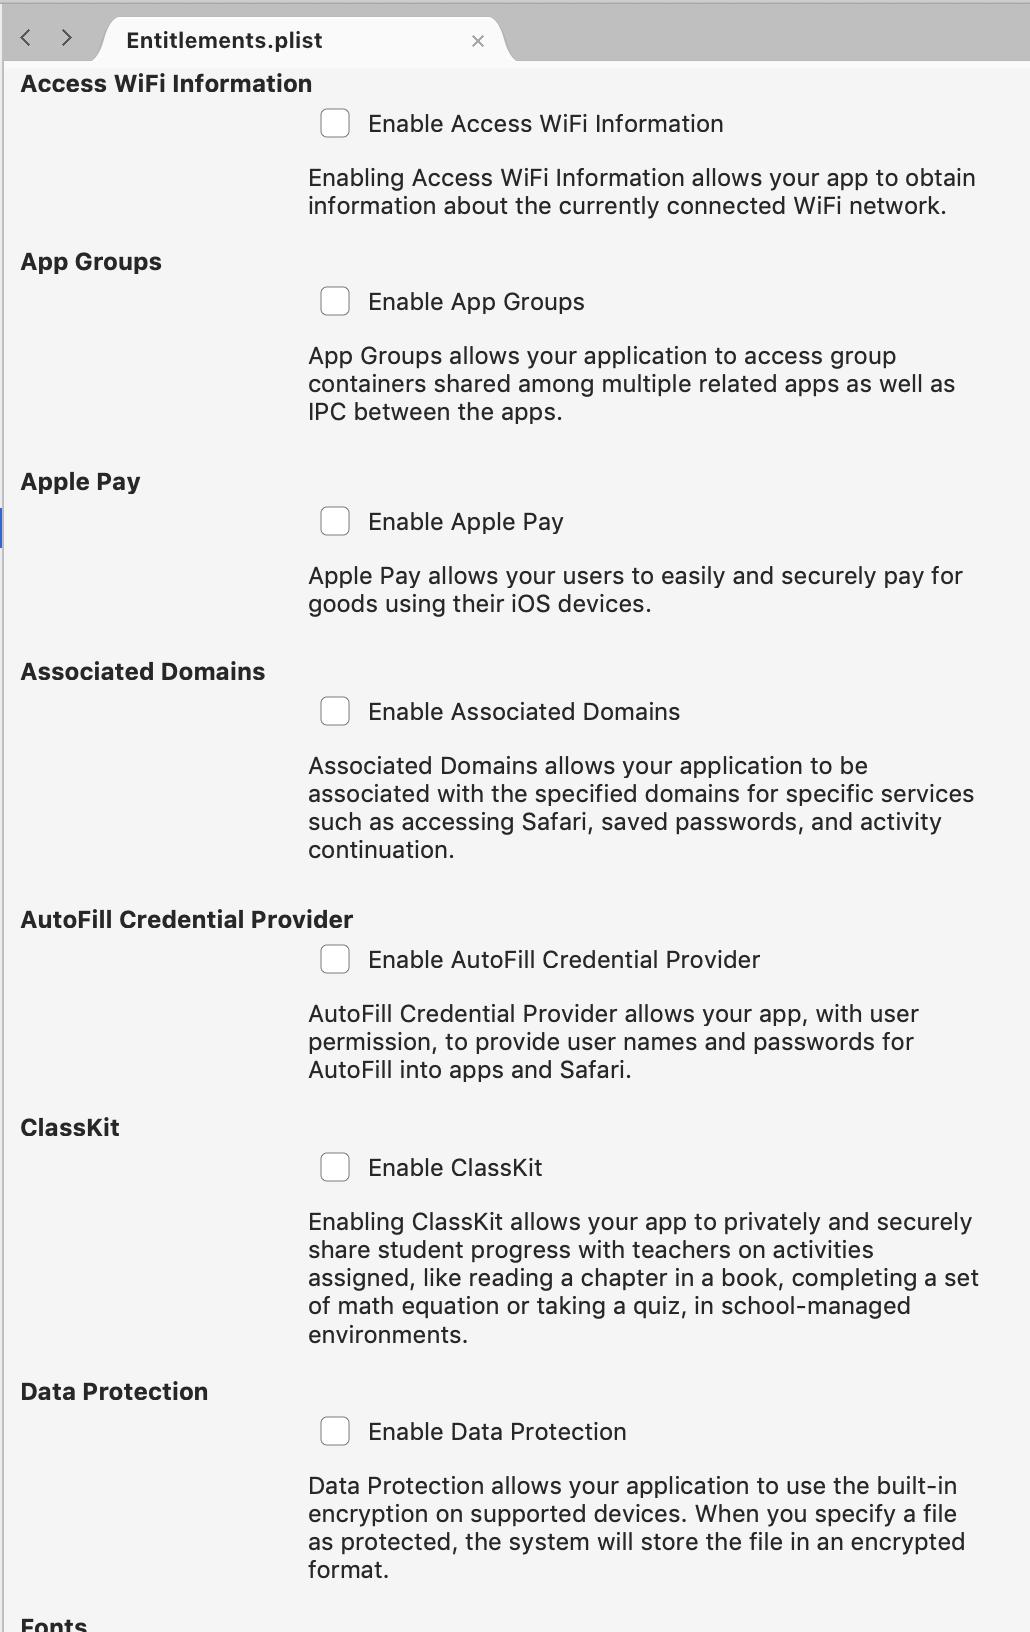 Working with entitlements in Xamarin iOS - Xamarin   Microsoft Docs